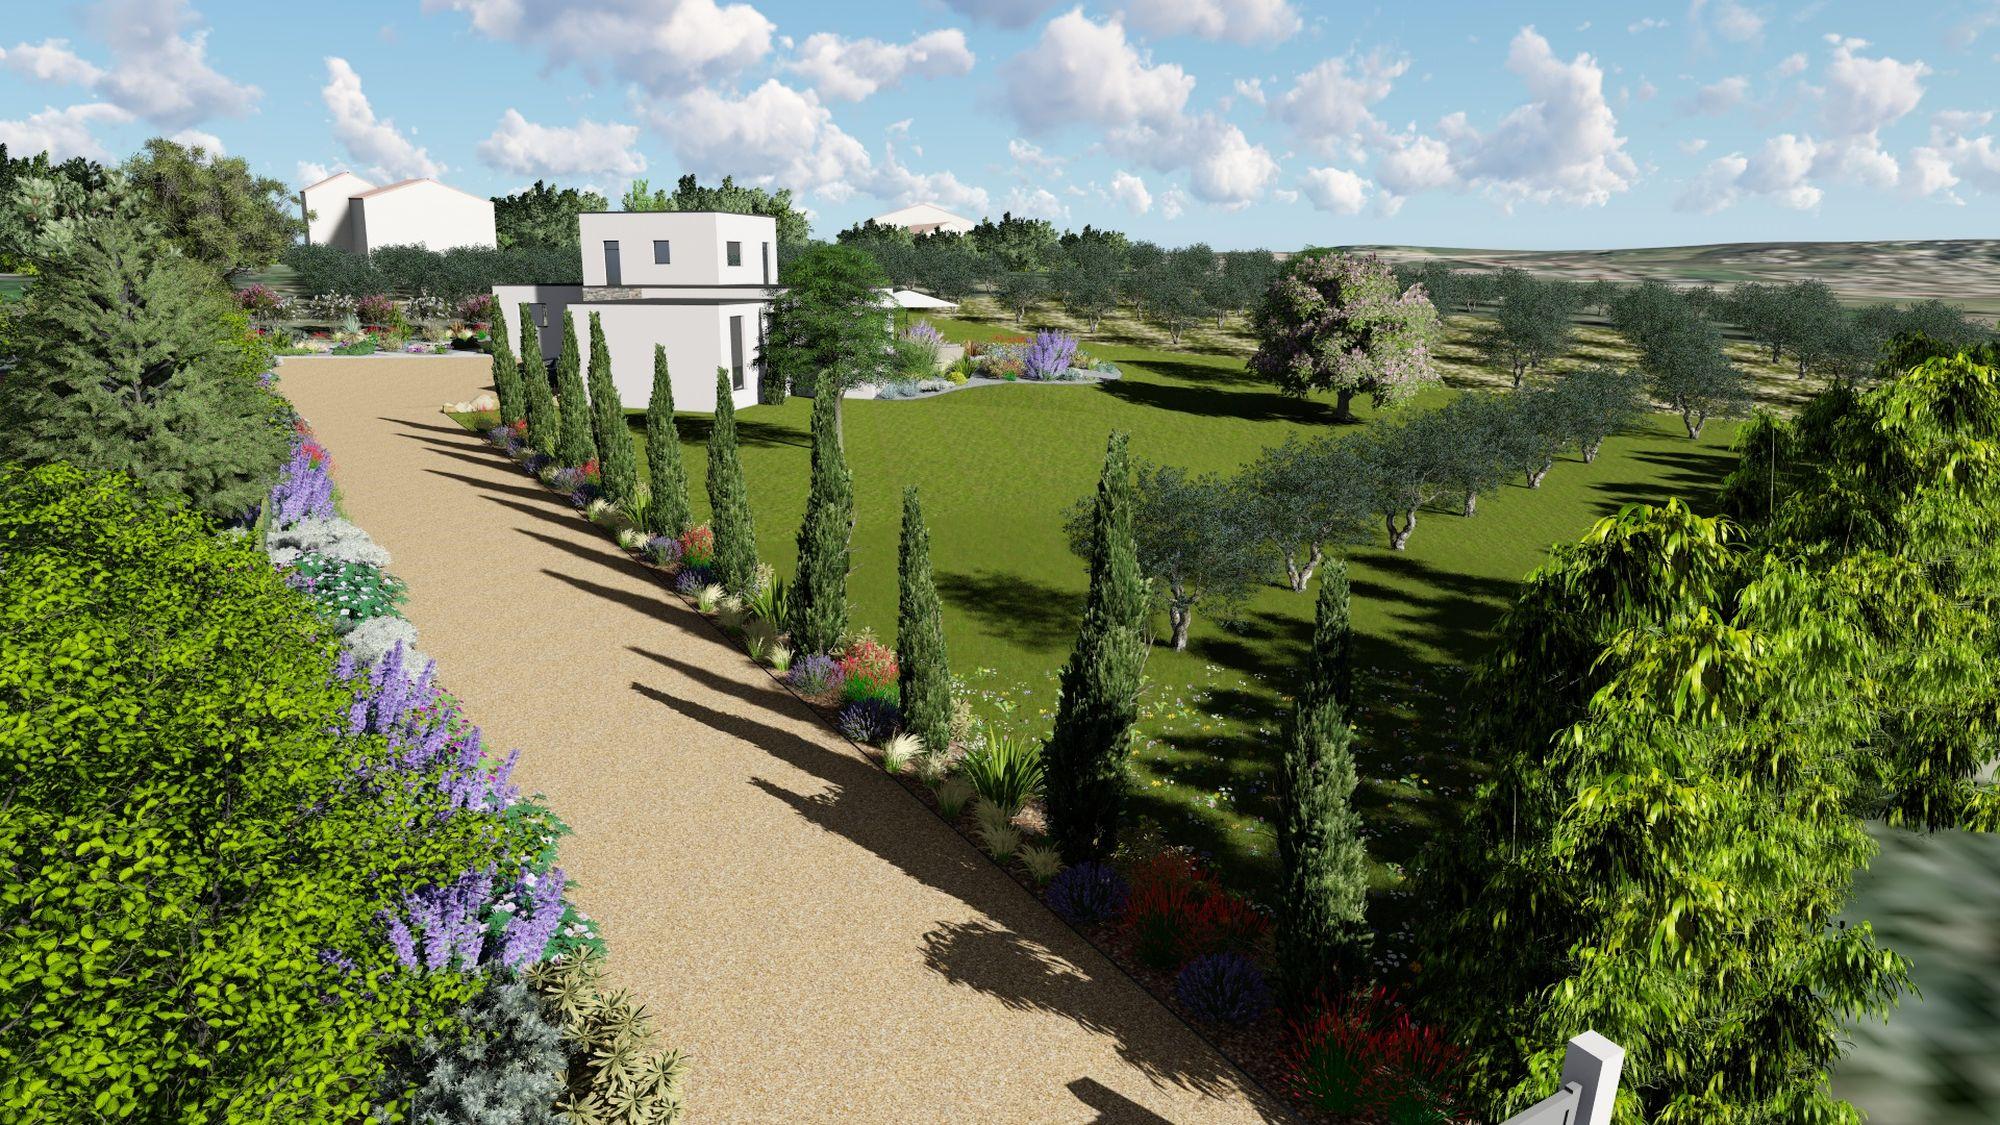 Plan De Jardin En 3D : Découvrez Votre Futur Espace De Vie ... pour Plan De Jardin 3D